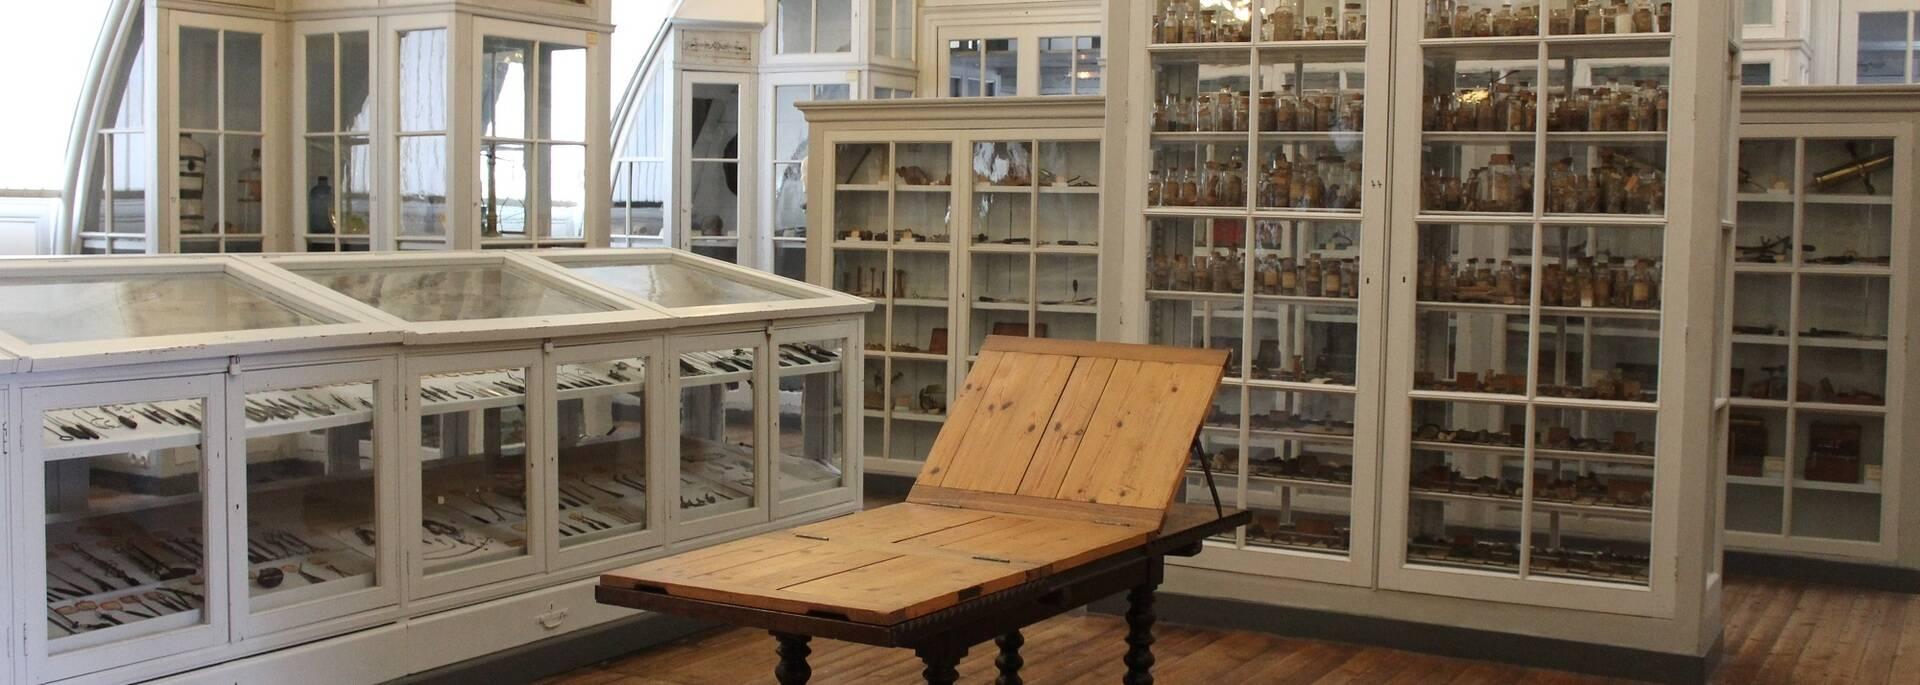 Le Cabinet des Sciences du musée - ©P.Migaud / FDHPA 17